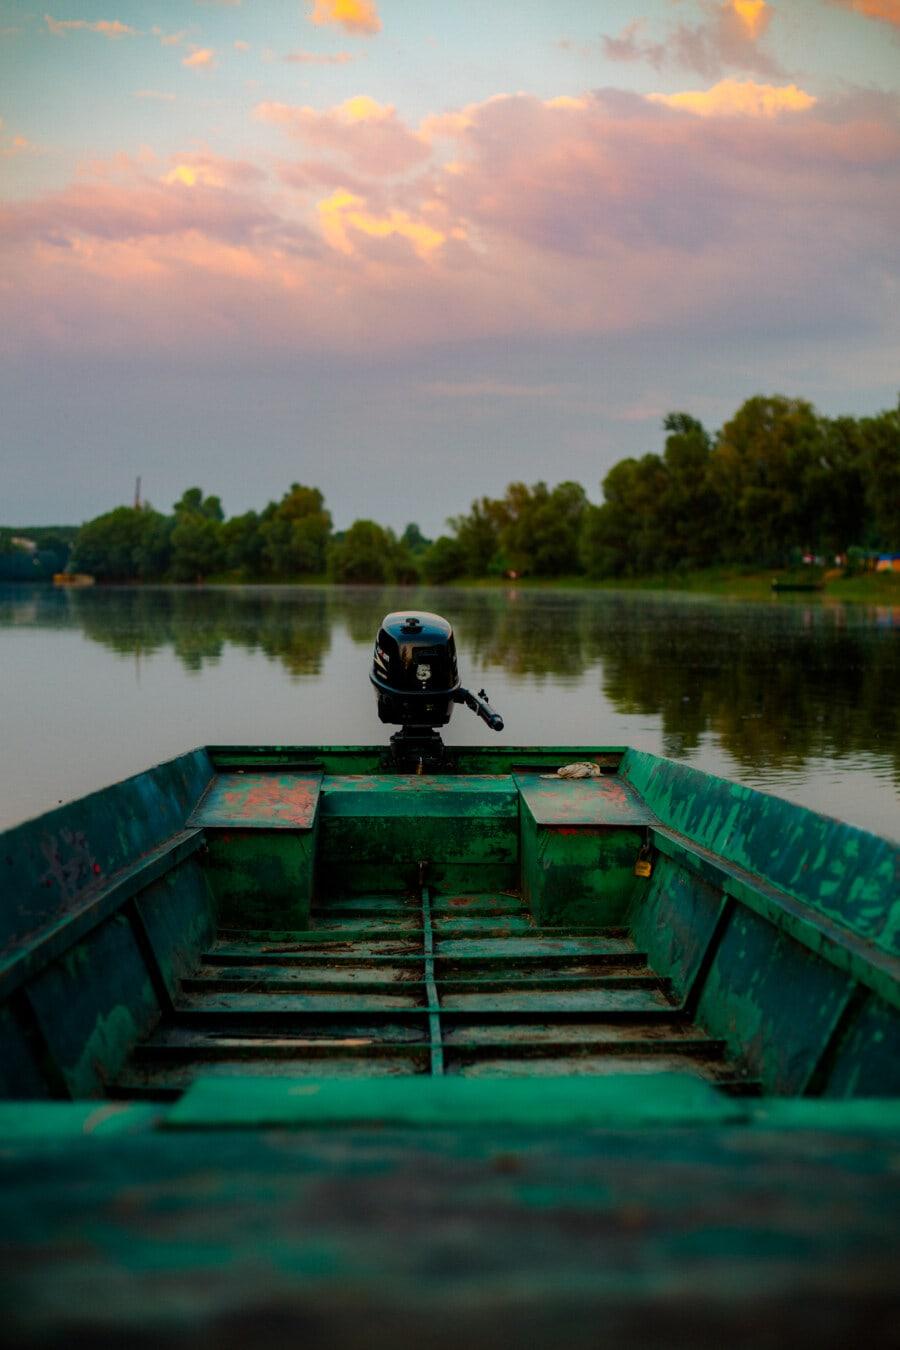 dunkelgrün, Boot, Diesel, Motor, Engine, Wasser, Sonnenuntergang, See, Dämmerung, Fluss